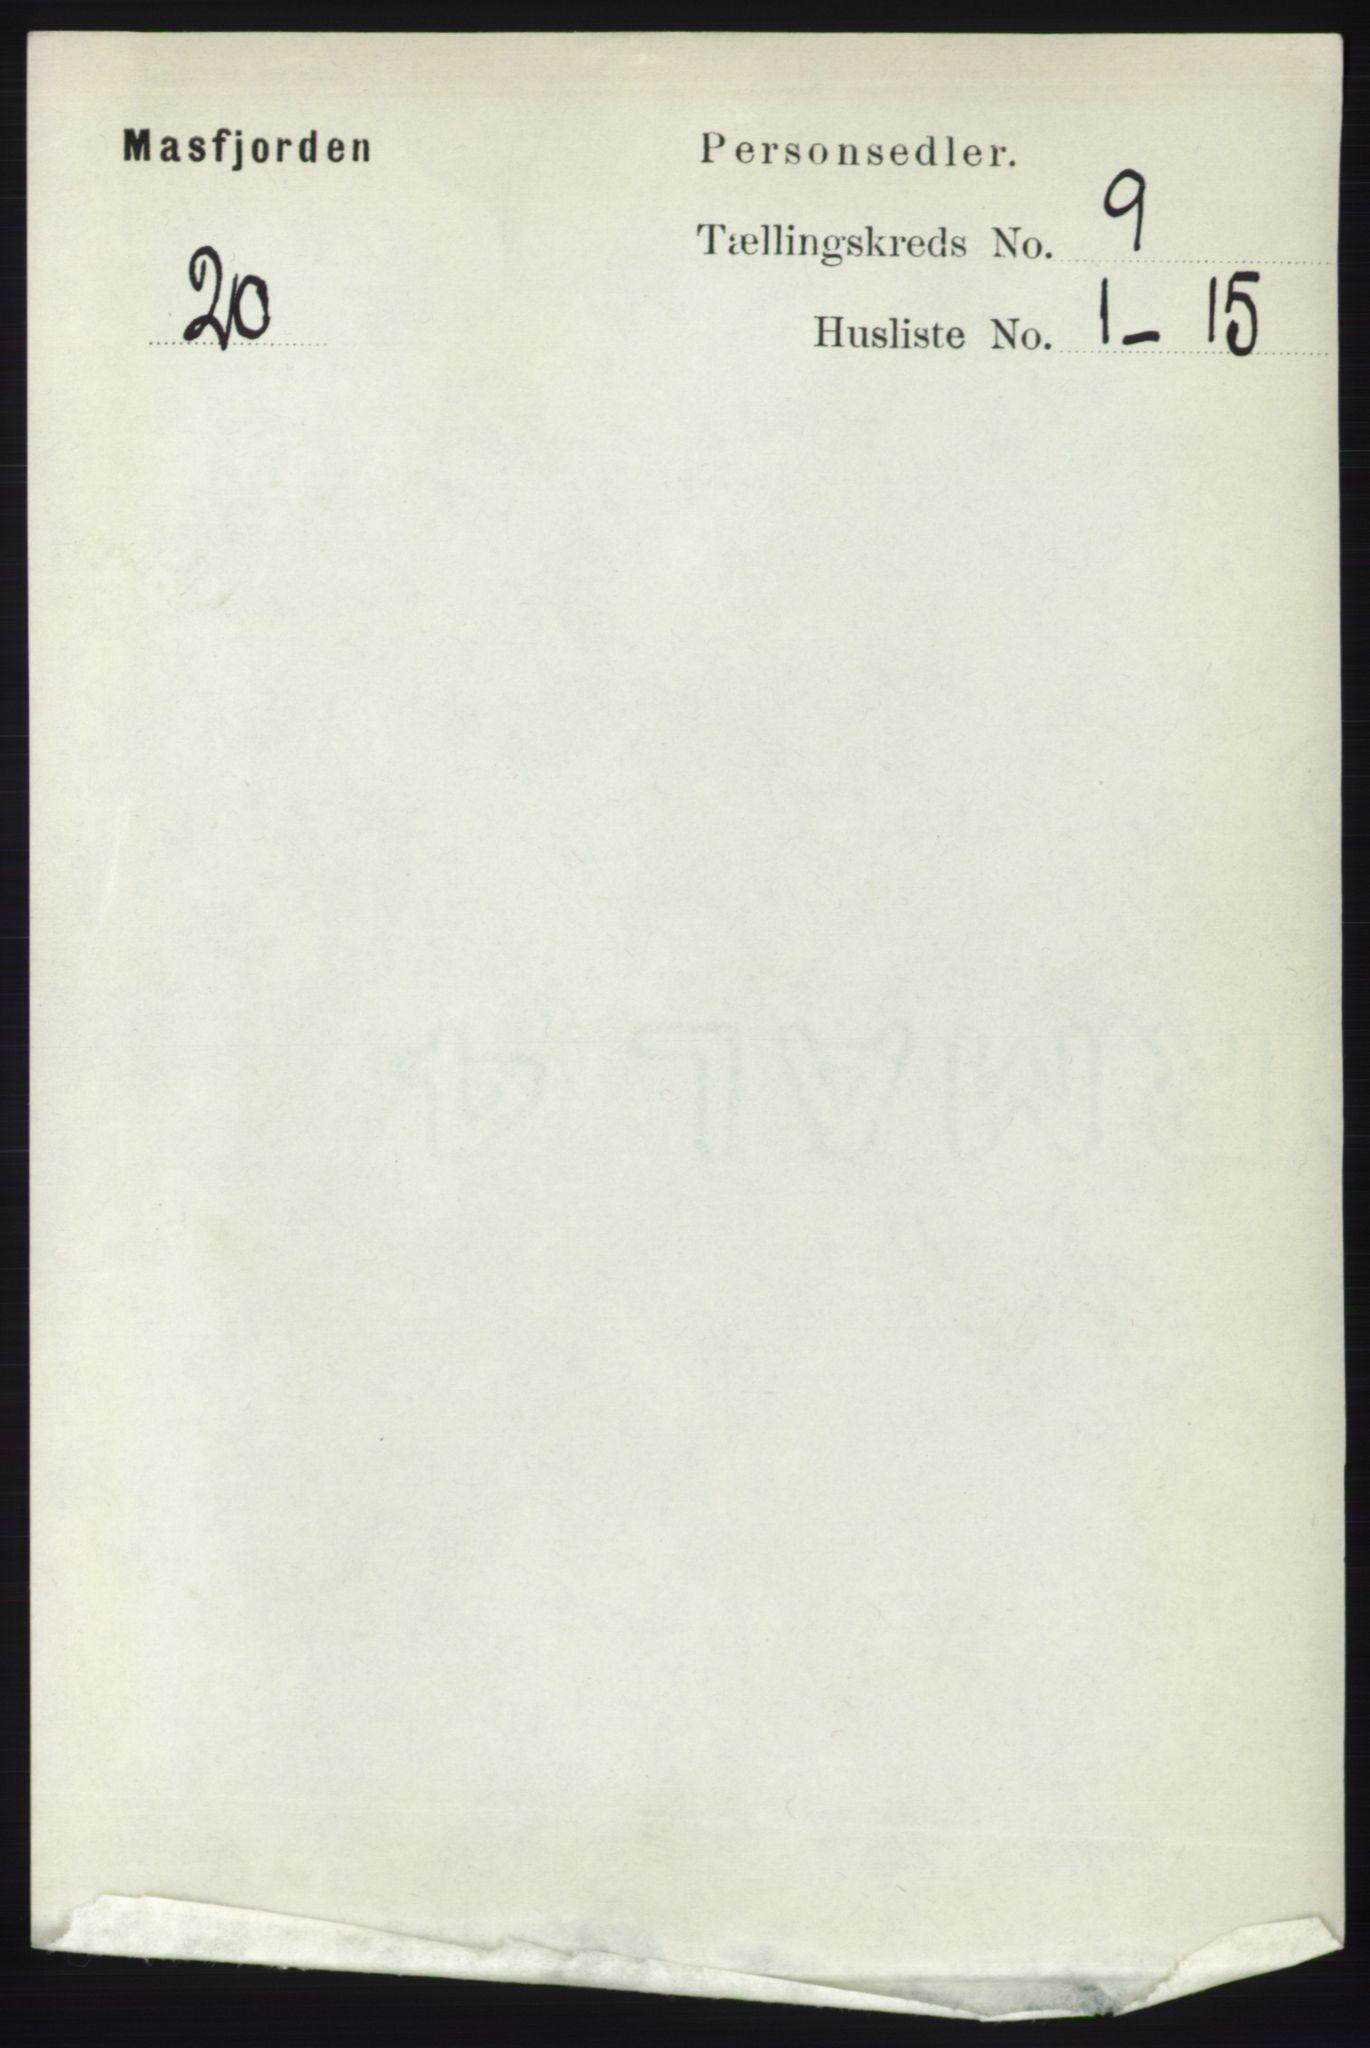 RA, Folketelling 1891 for 1266 Masfjorden herred, 1891, s. 1725